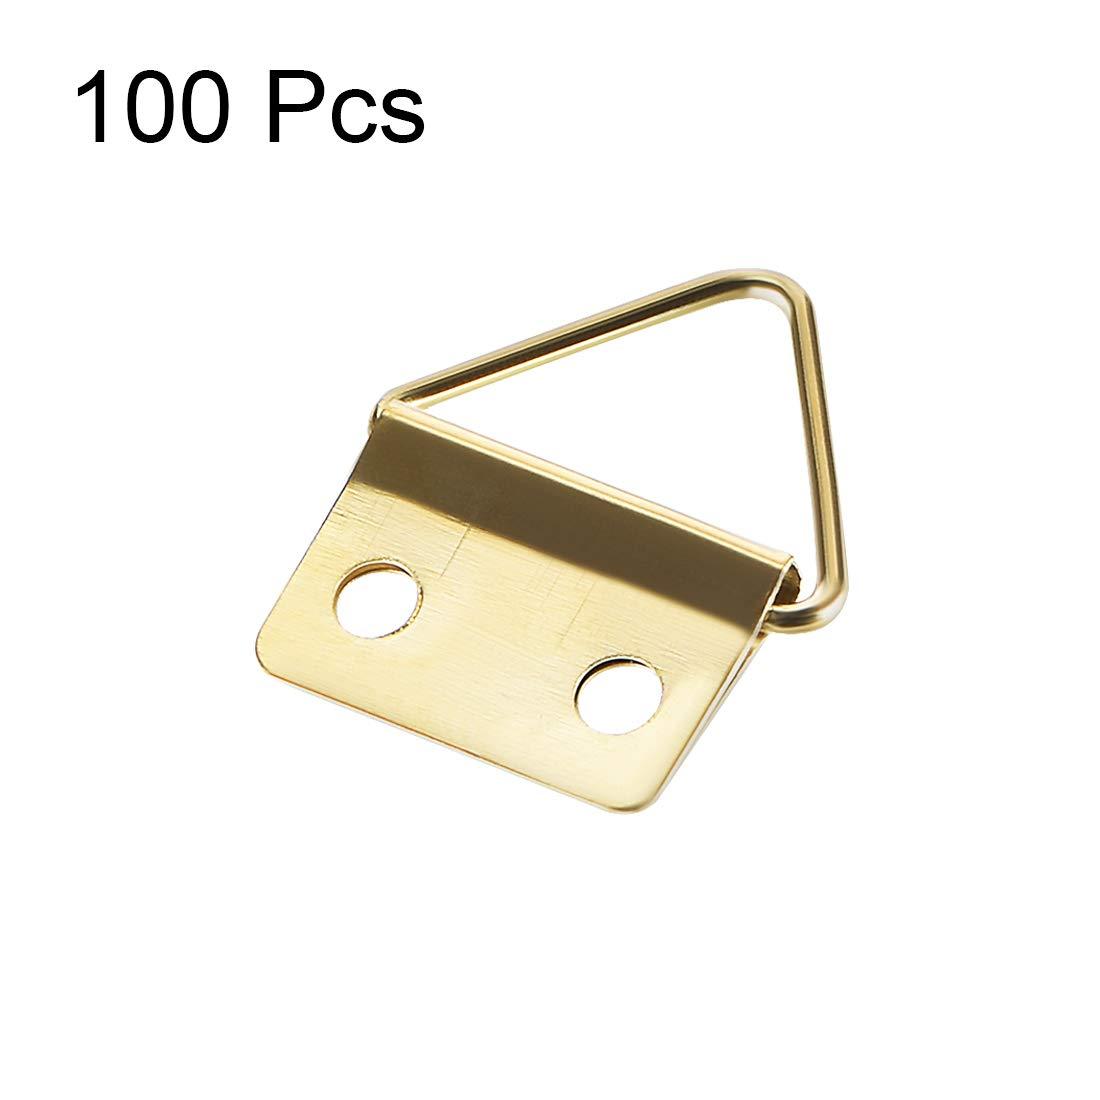 color dorado Juego de ganchos triangulares para colgar fotos 24 x 18 mm Sourcingmap 100 unidades